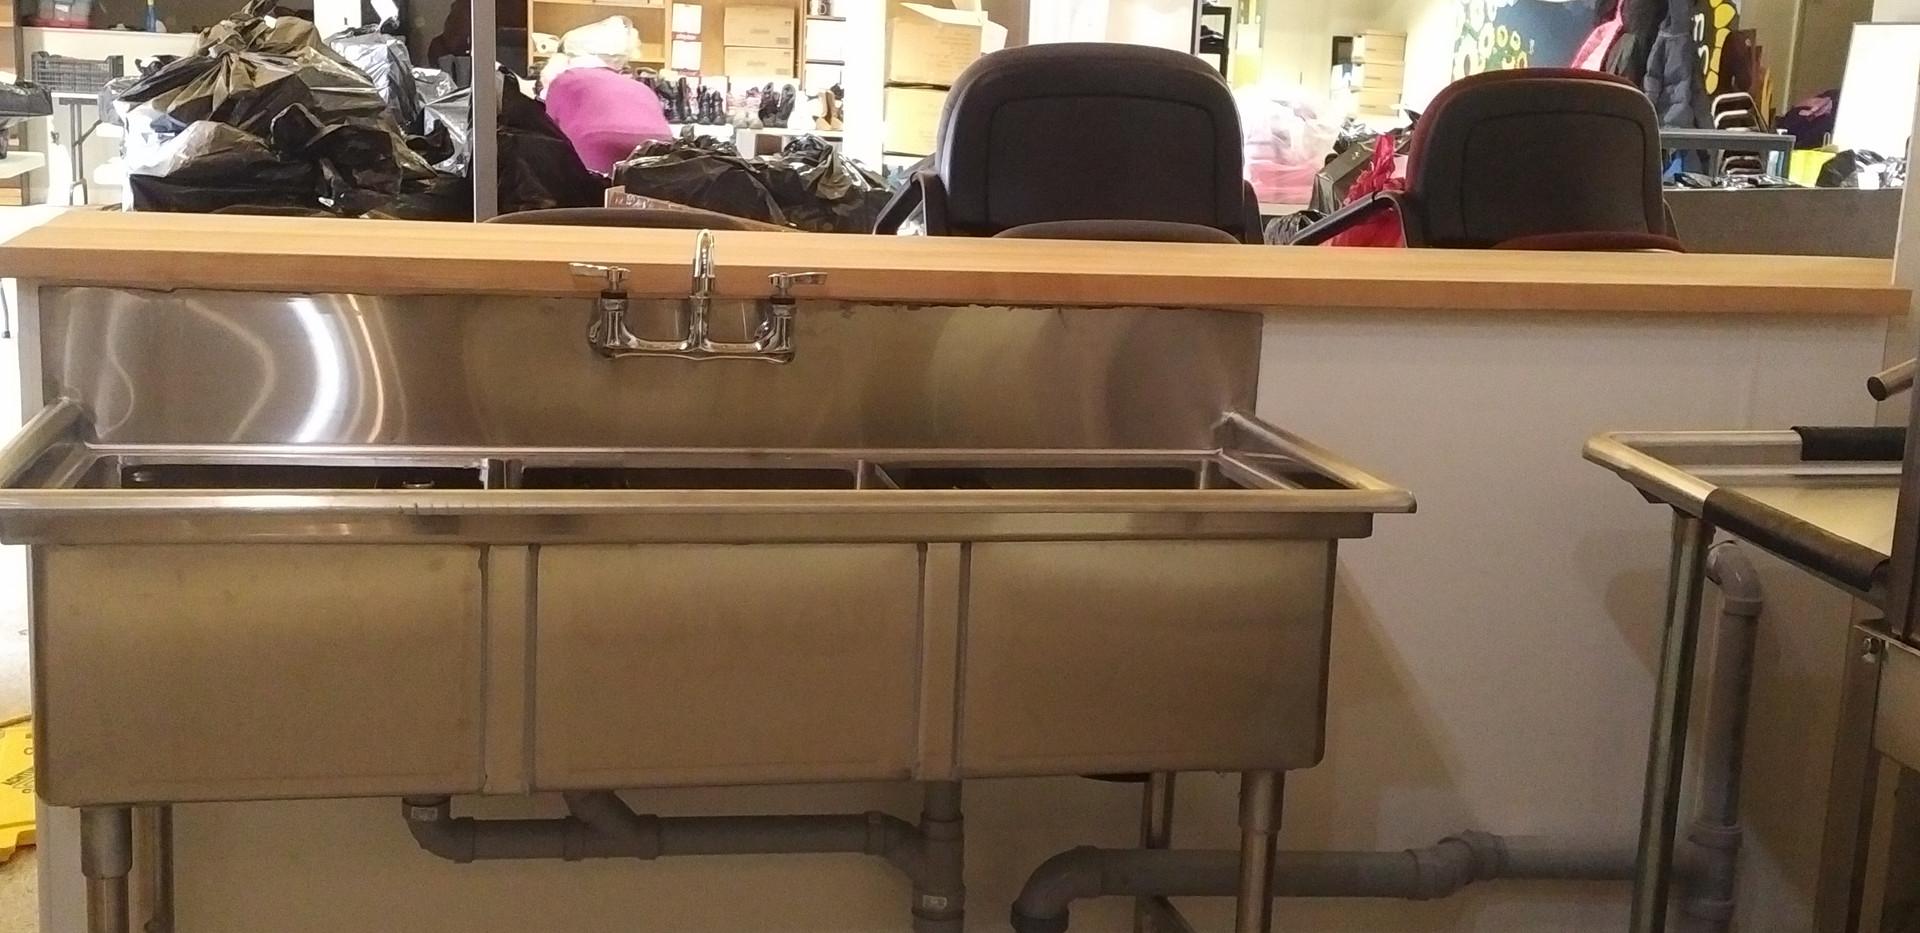 3-Pot Sink.jpg